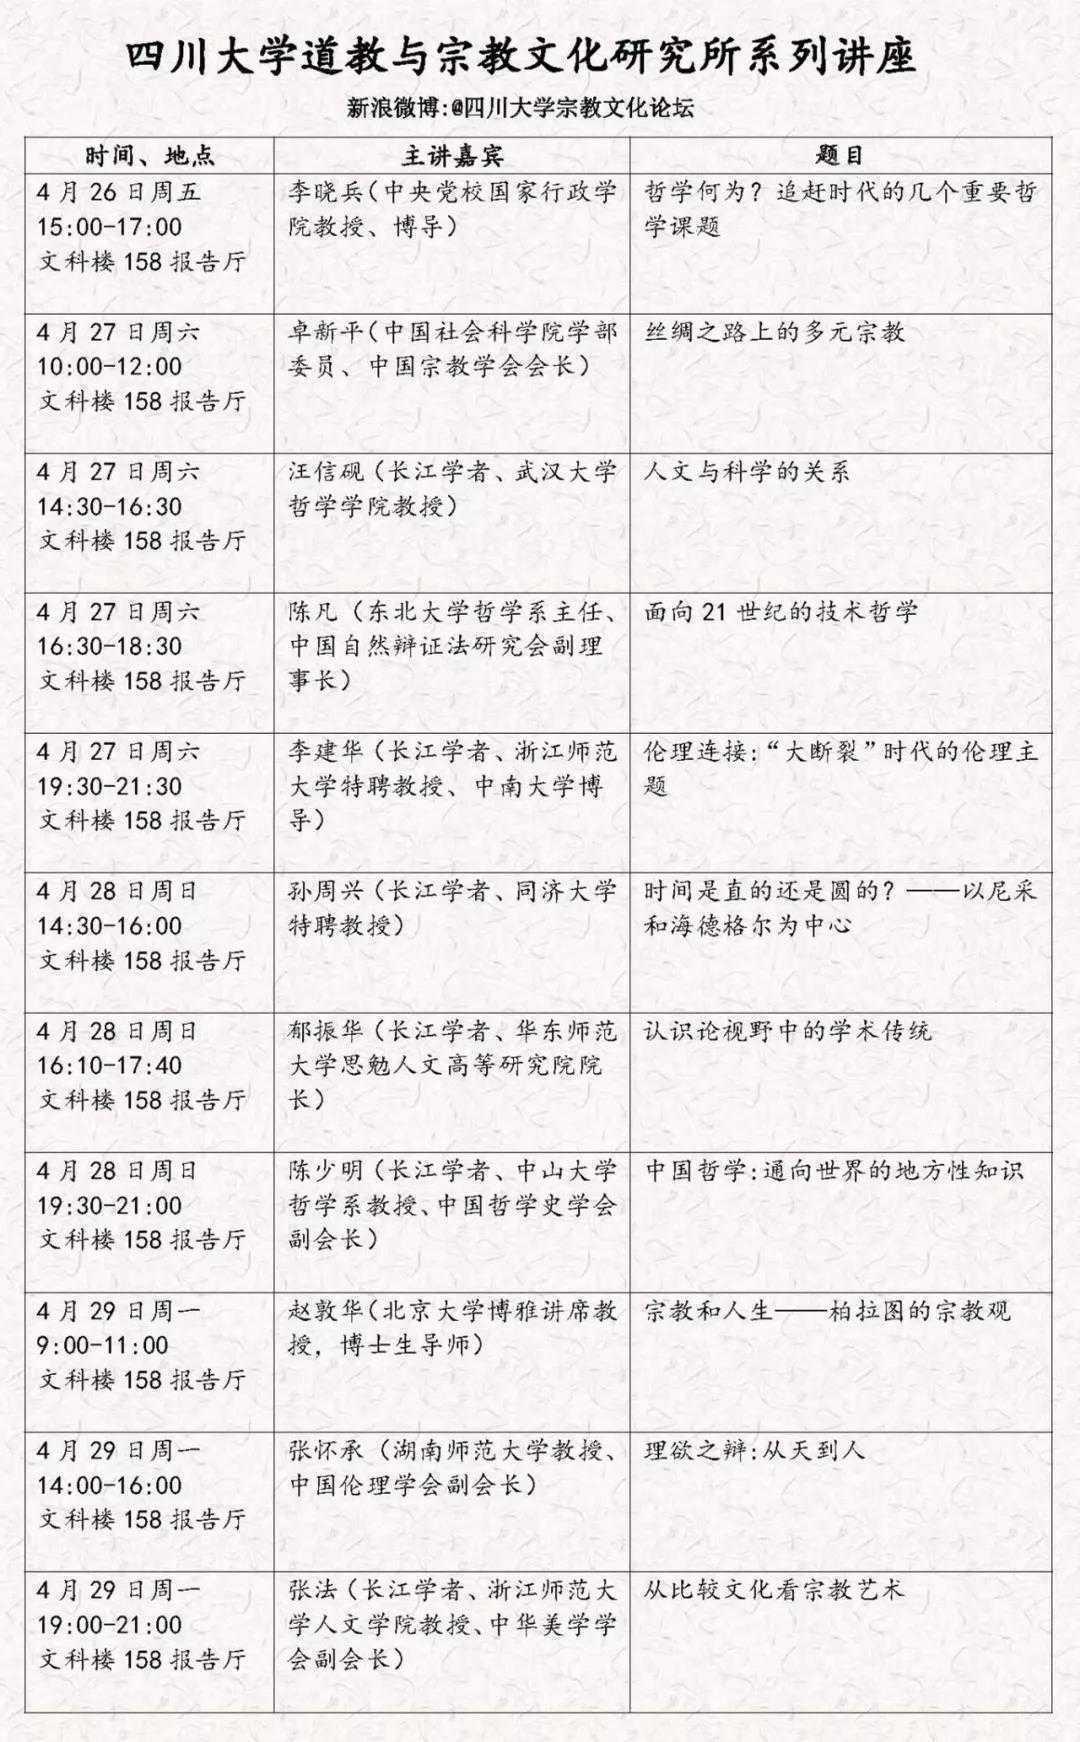 四川大学道教与宗教文化研究所哲学、宗教与艺术系列讲座预告